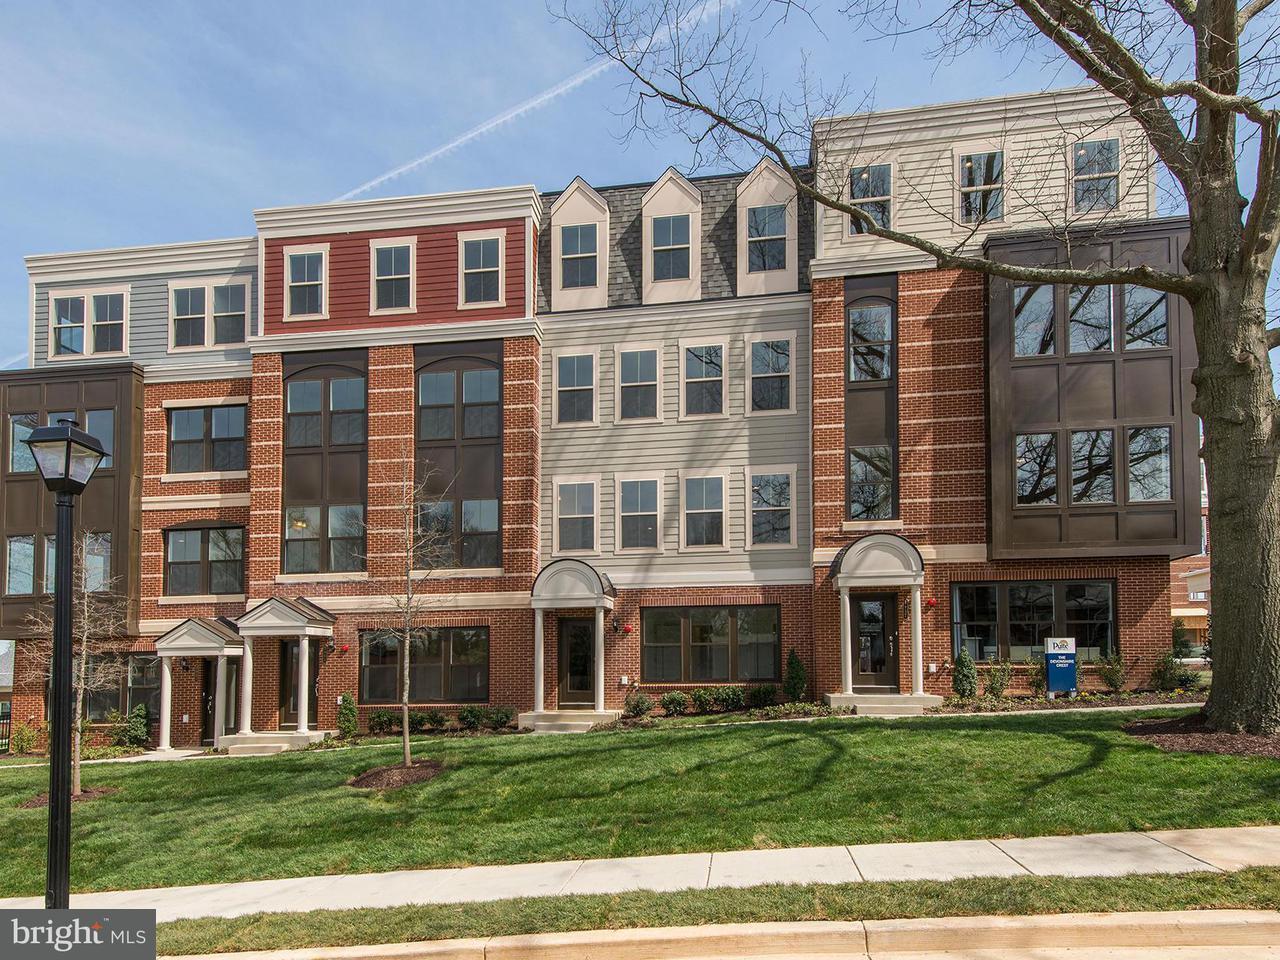 联栋屋 为 销售 在 3957 Oak St #0 3957 Oak St #0 Fairfax, 弗吉尼亚州 22030 美国